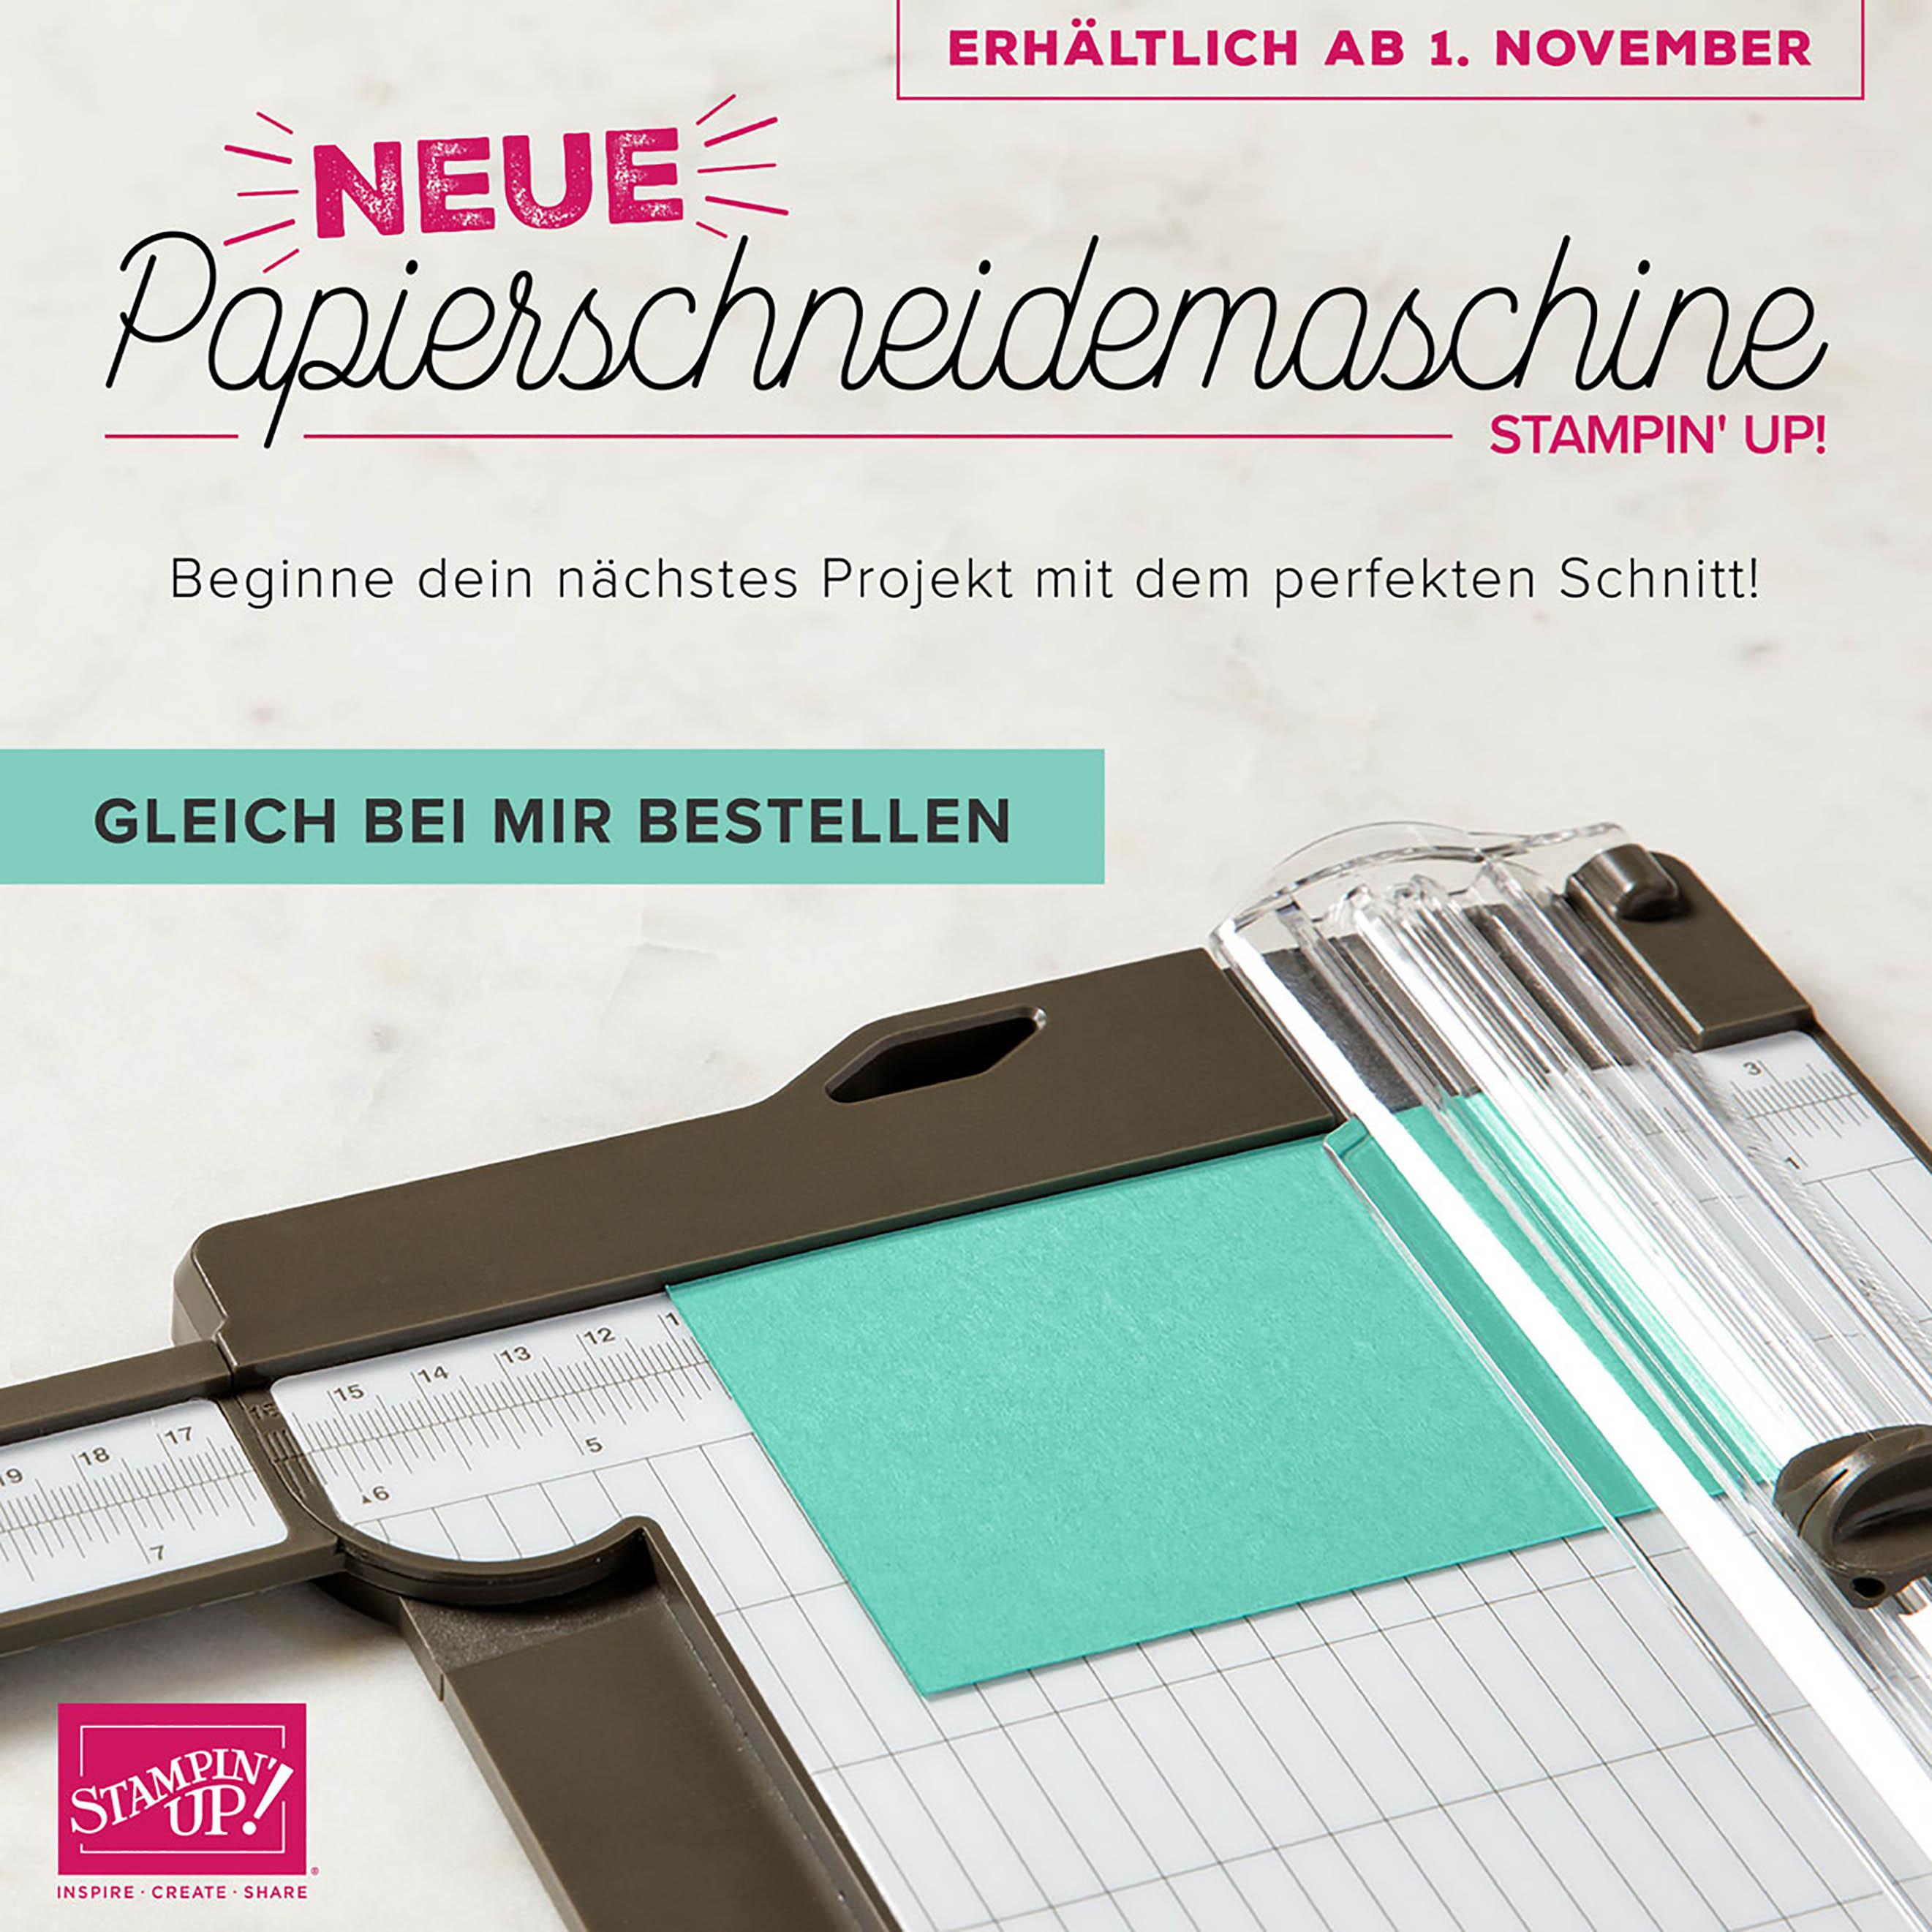 Papierschneidemaschine_SQ